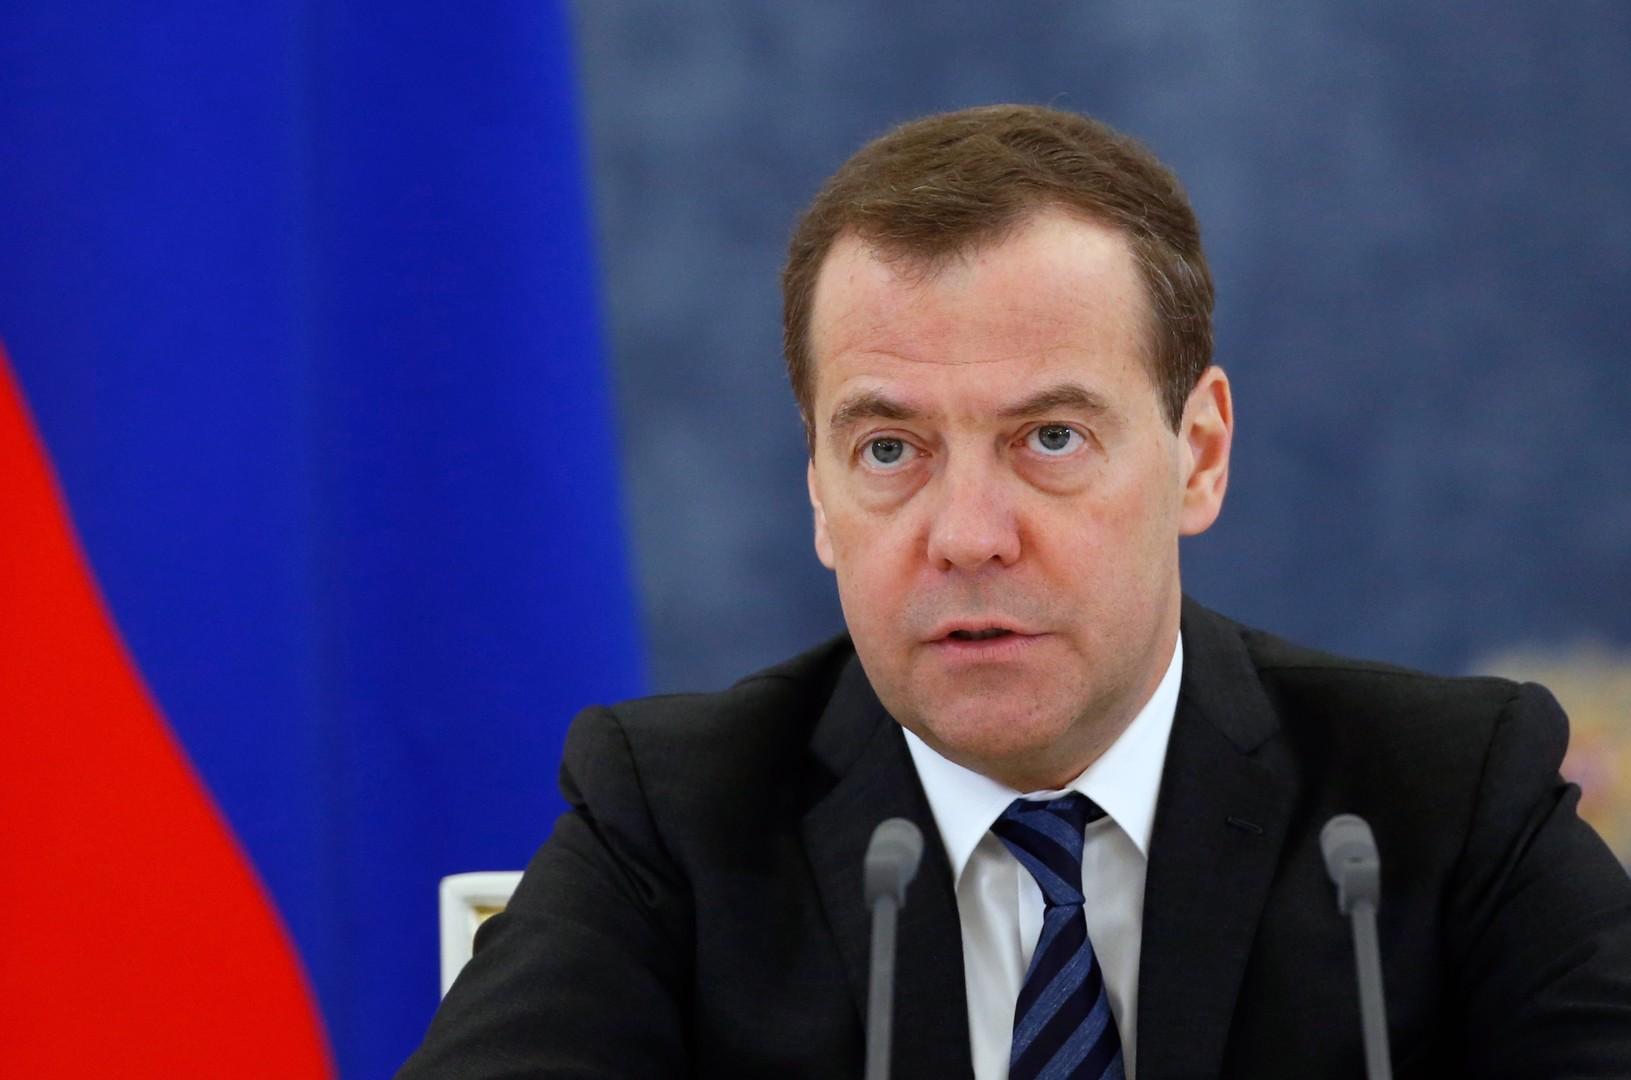 مدفيديف يعلق على نتائج انتخابات الرئاسة الأوكرانية